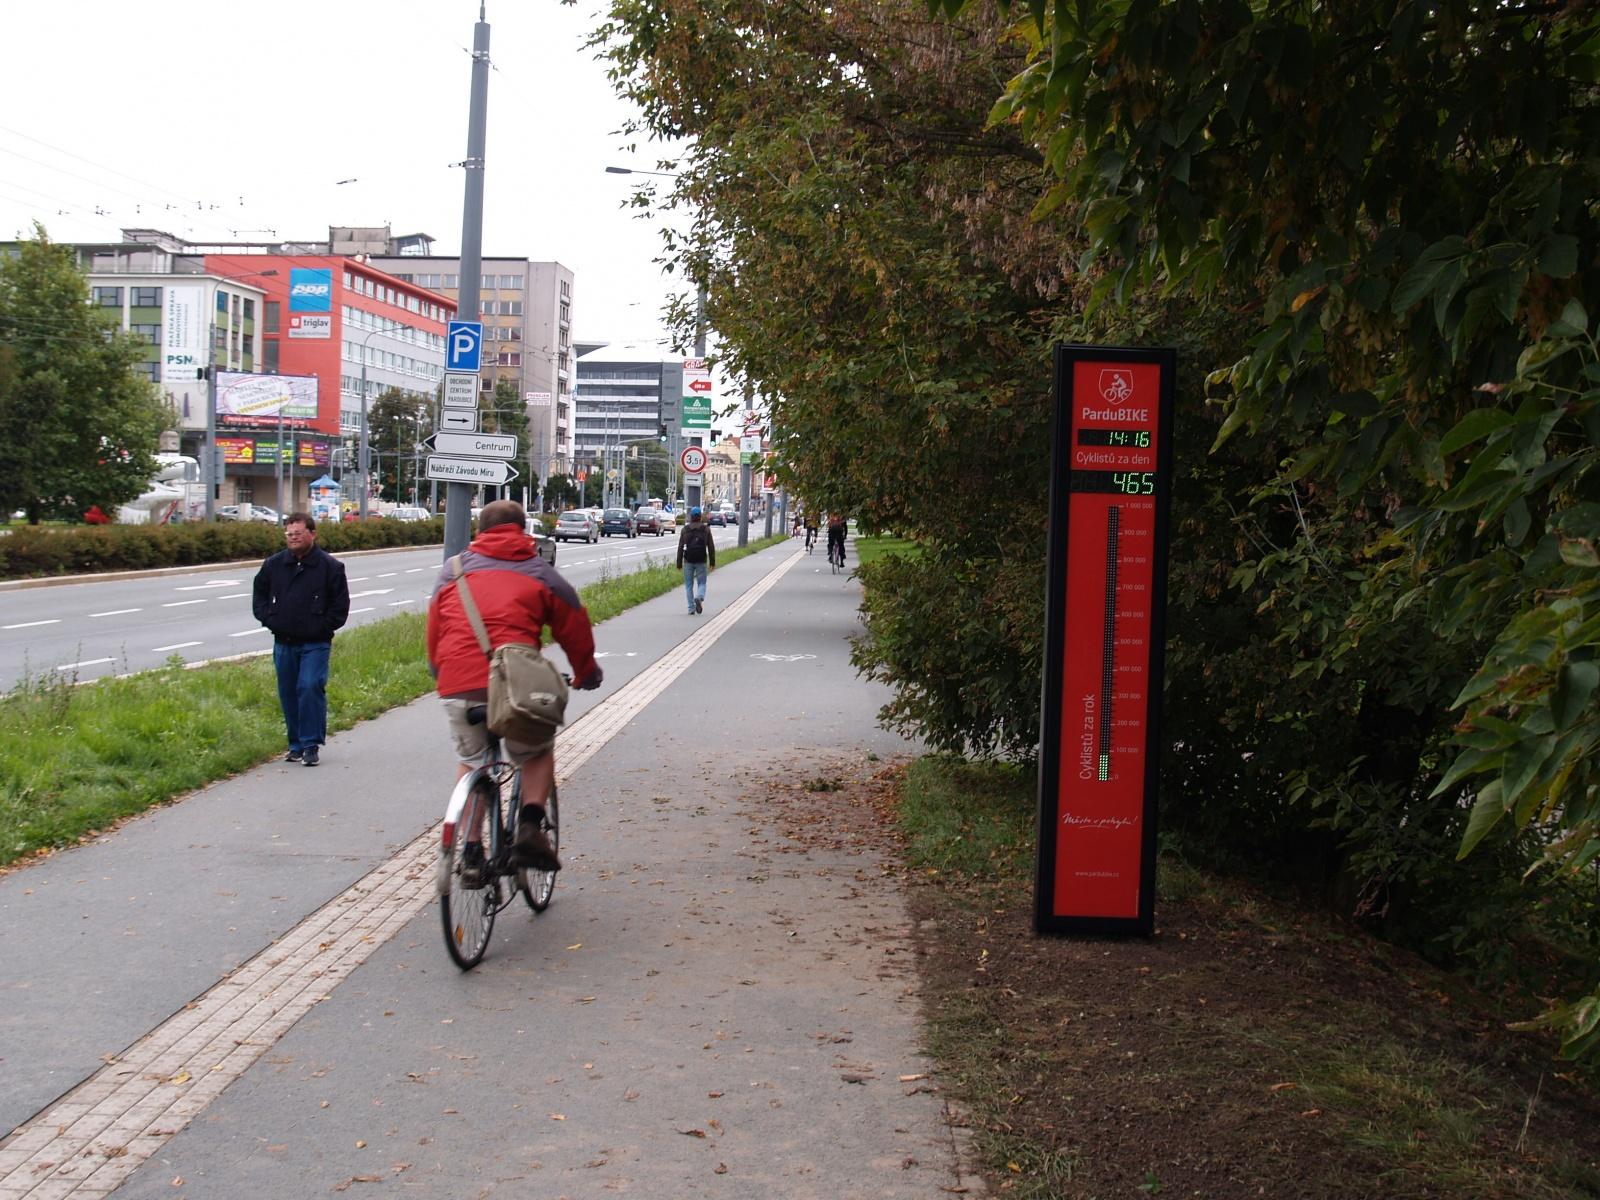 Světová počitadla cyklistů – The world's bicycle counters